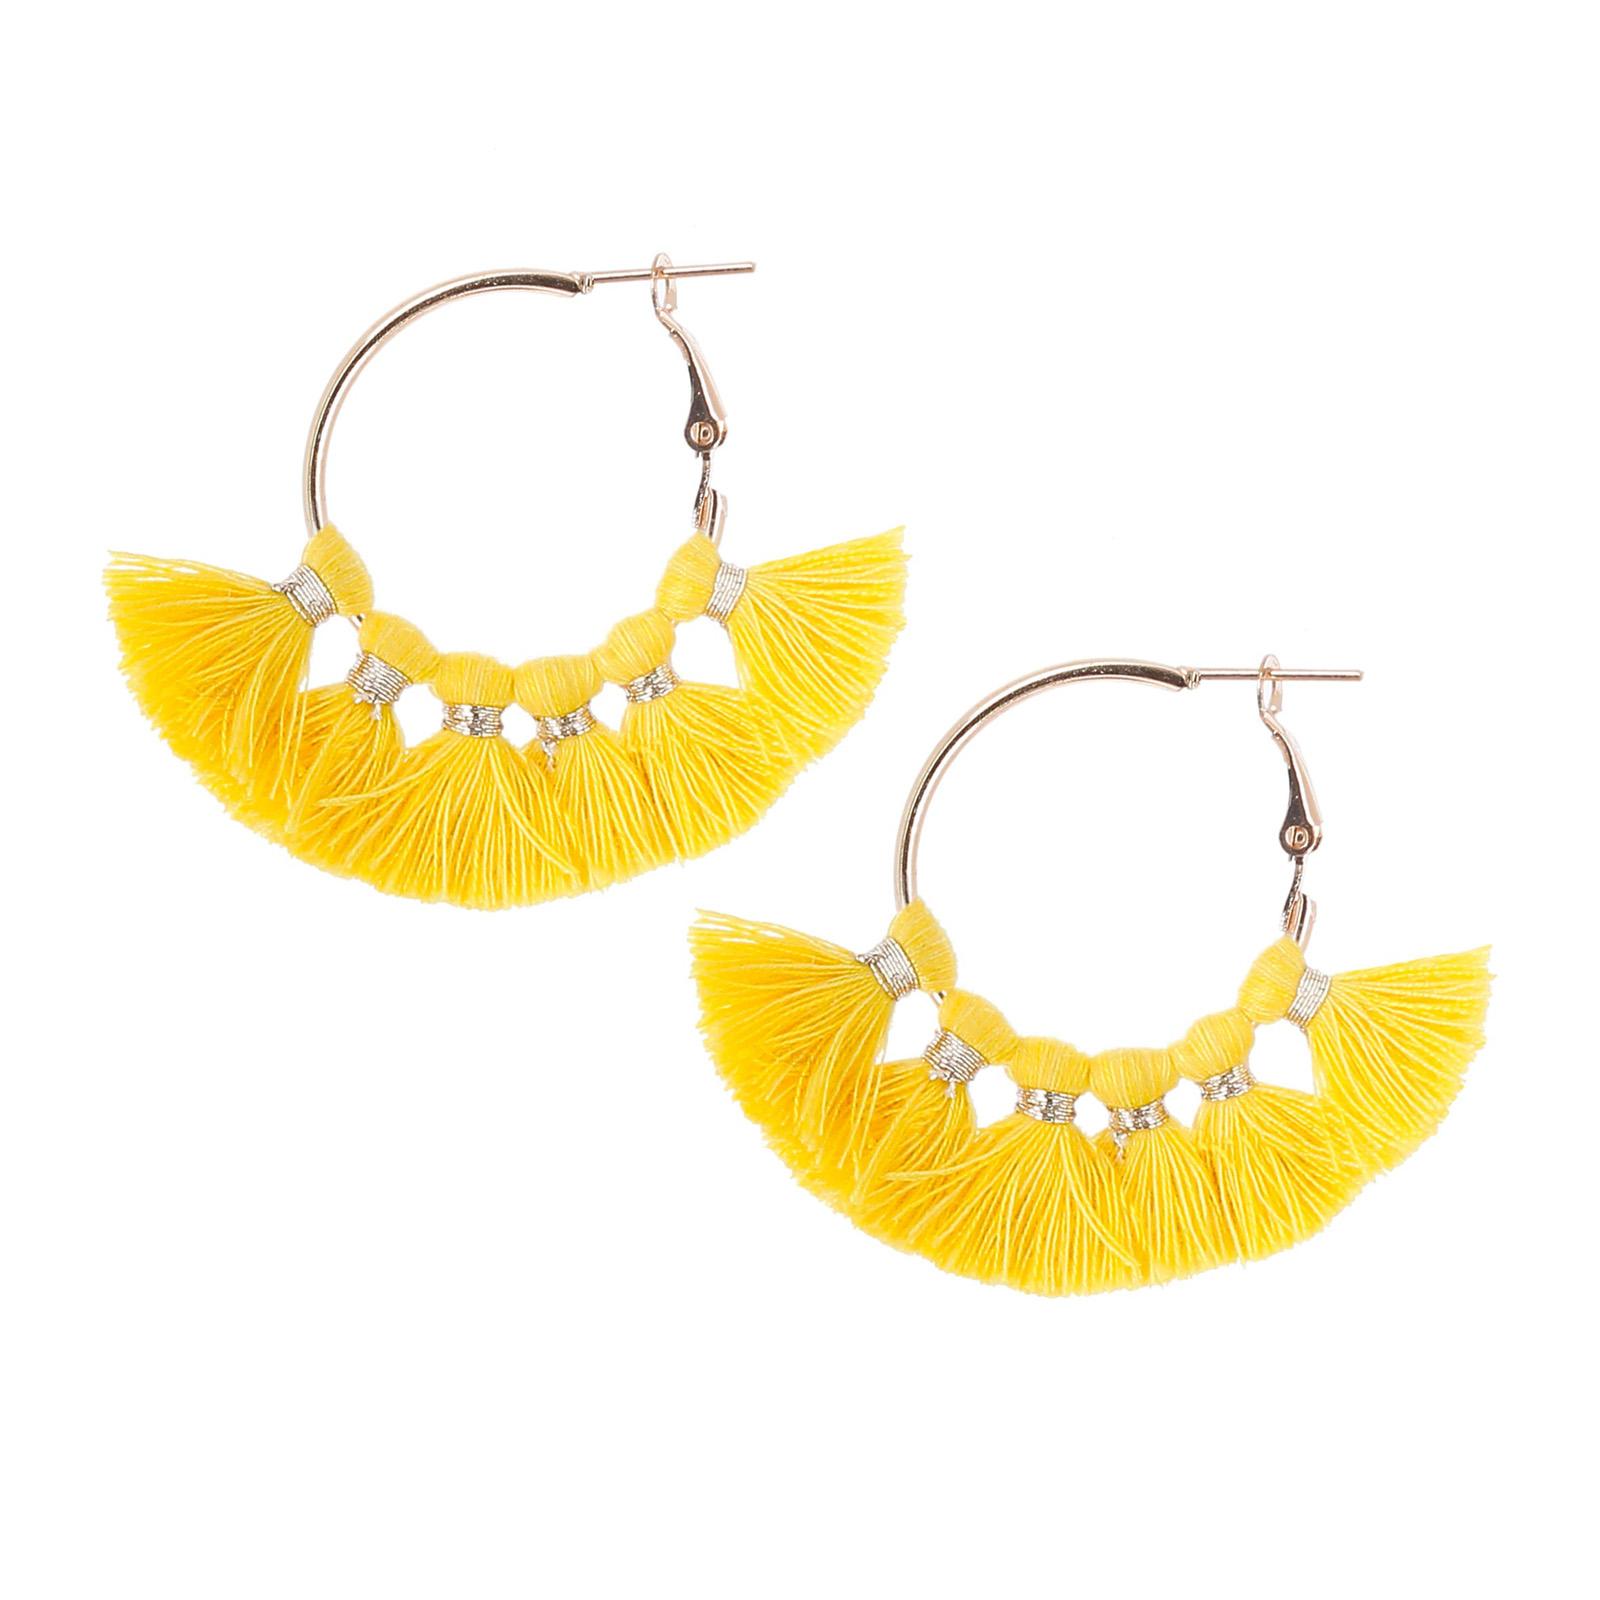 boucle d'oreille pompon jaune